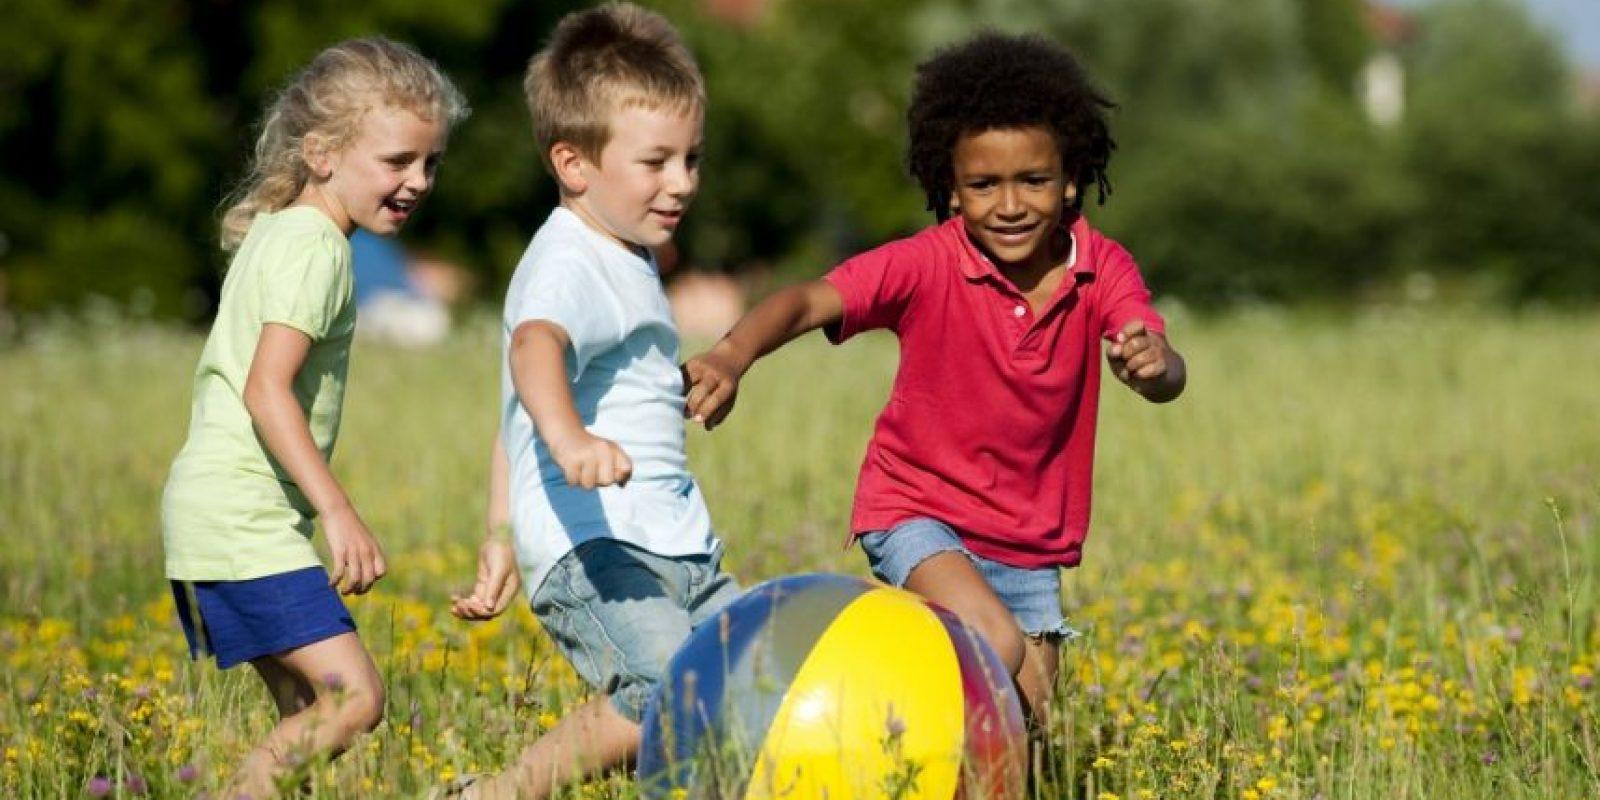 Una visita al parque es una forma sana de diversión que se ajusta a cualquier presupuesto. Foto: Fuente Externa